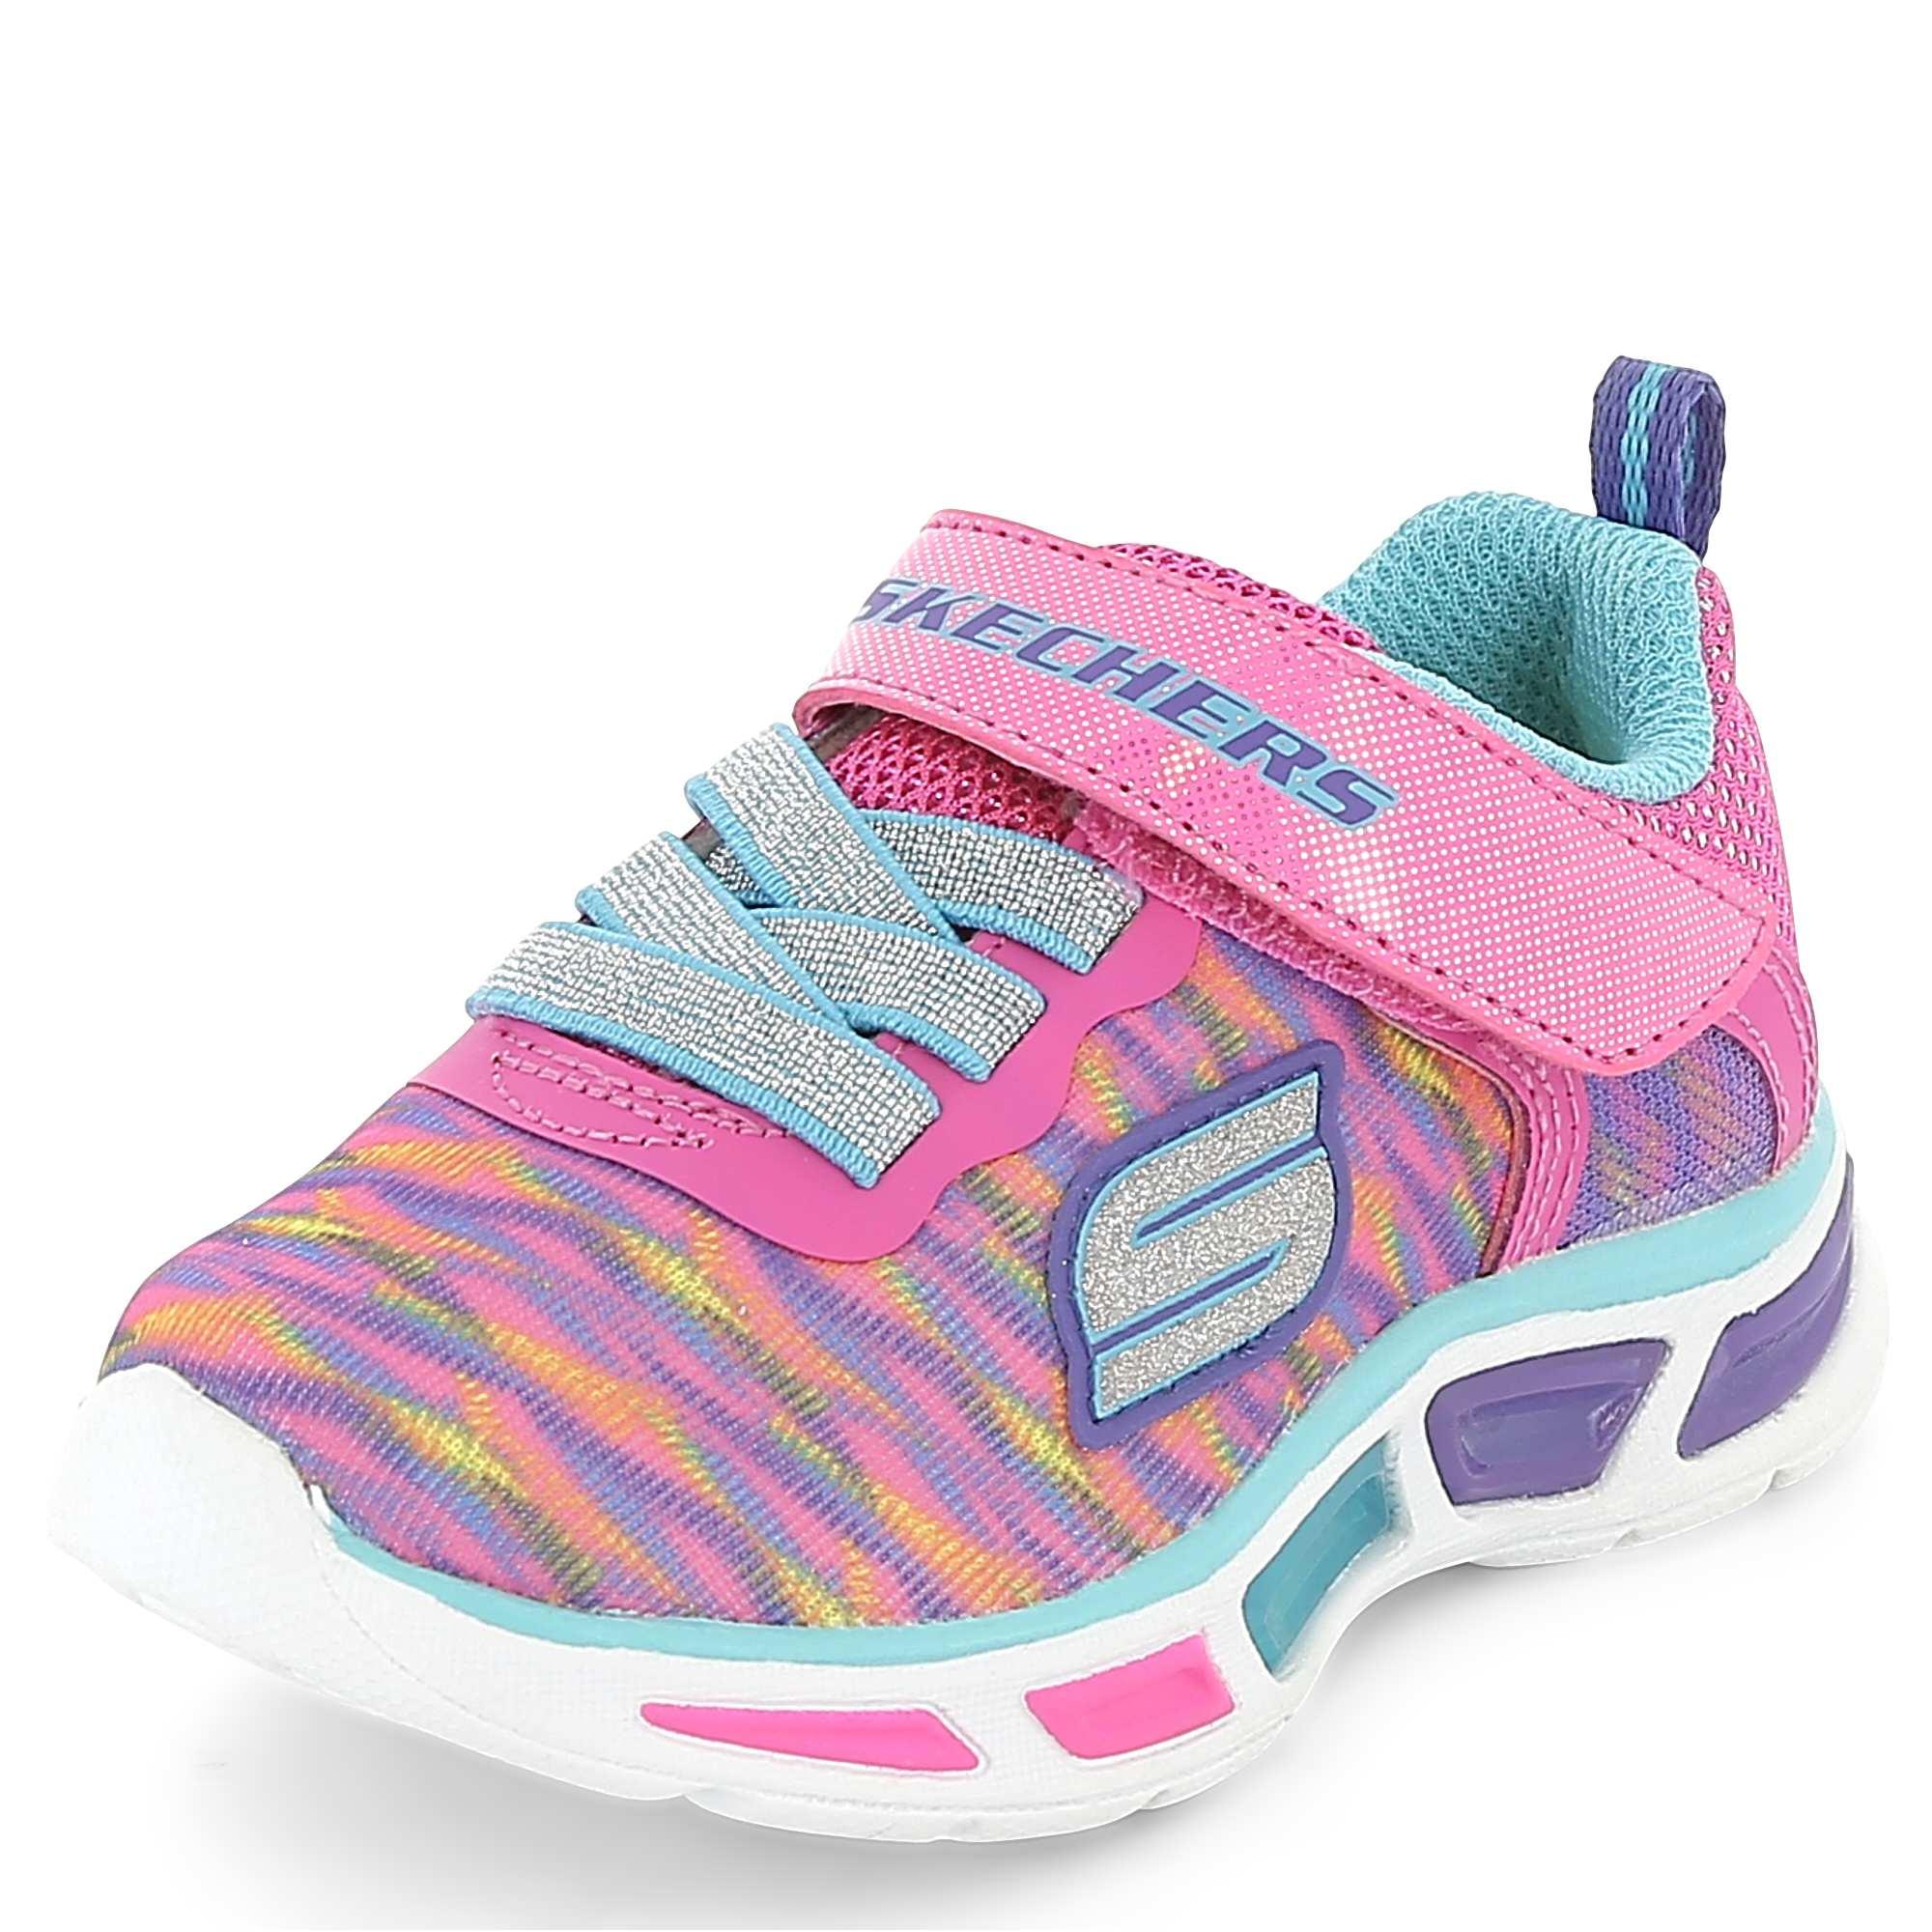 Couleur : rose, , ,, - Taille : 25, 24, 23,21,Le sport plein de couleurs ! - Baskets multi-sports en textile effet tissé 'Skechers'